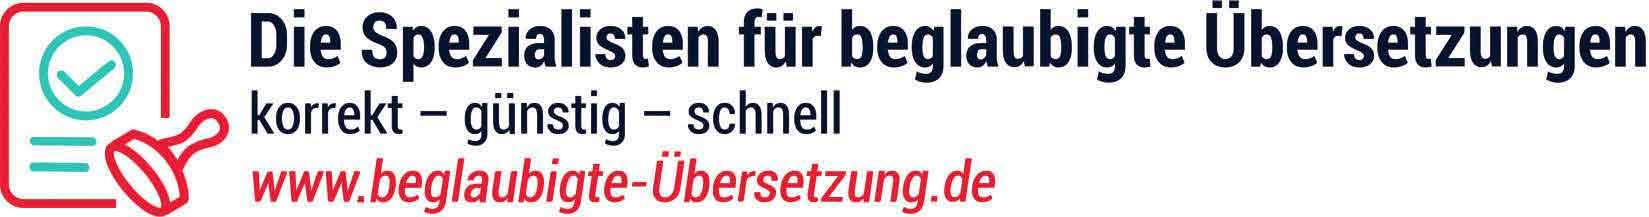 beglaubigte-übersetzung.de – korrekt, schnell, günstig